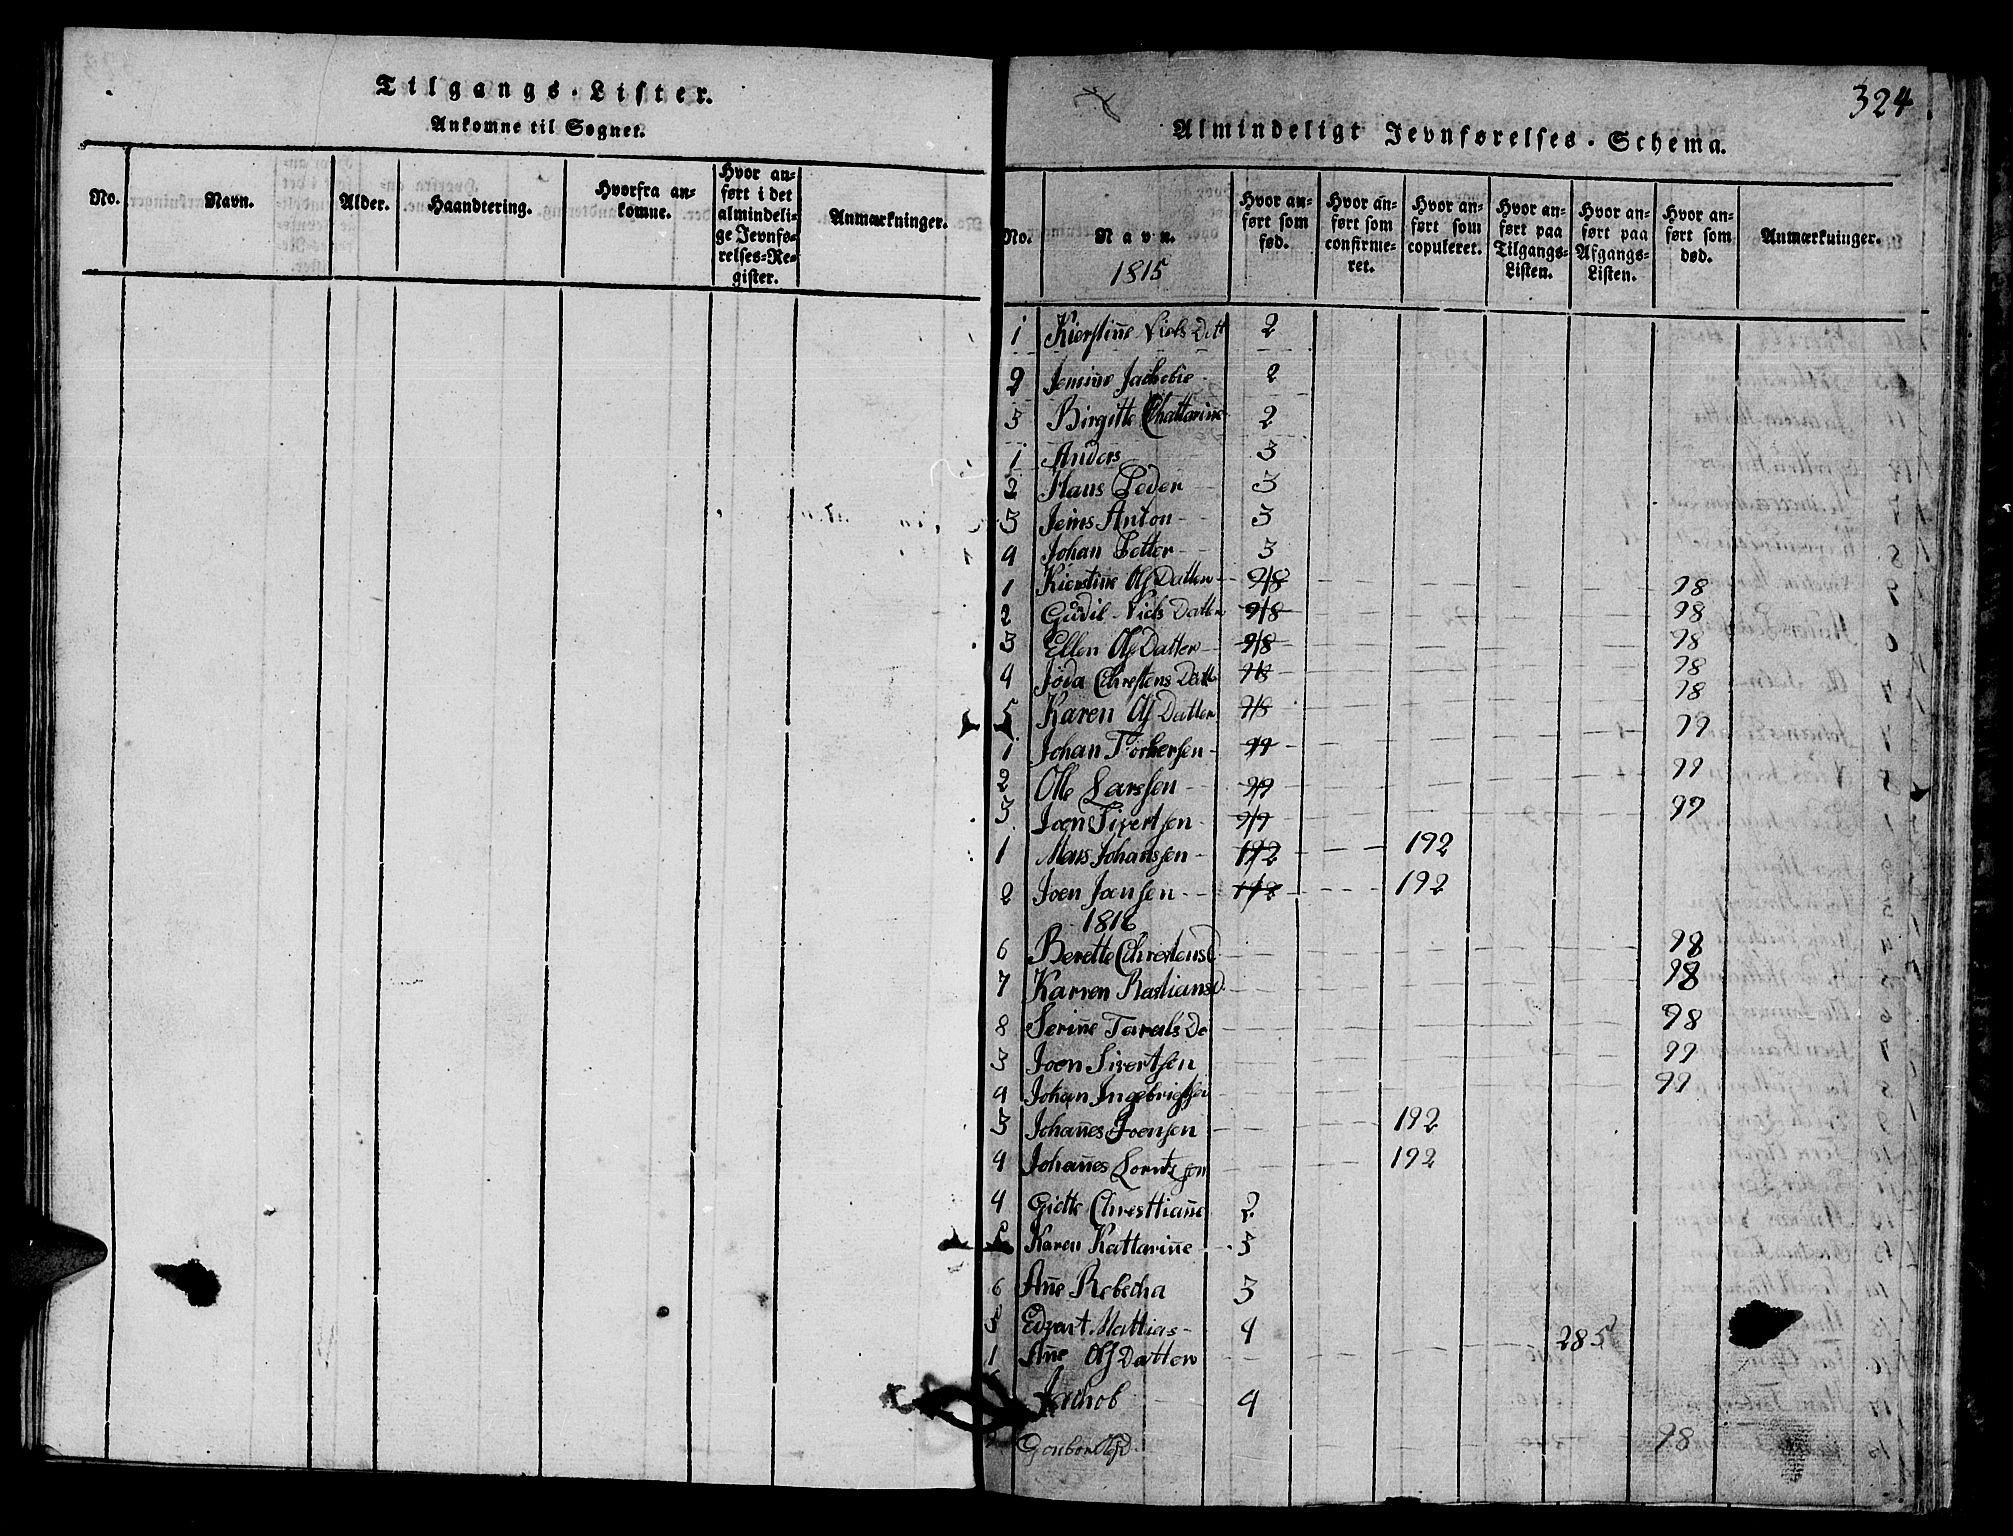 SAT, Ministerialprotokoller, klokkerbøker og fødselsregistre - Nord-Trøndelag, 770/L0590: Klokkerbok nr. 770C01, 1815-1824, s. 324